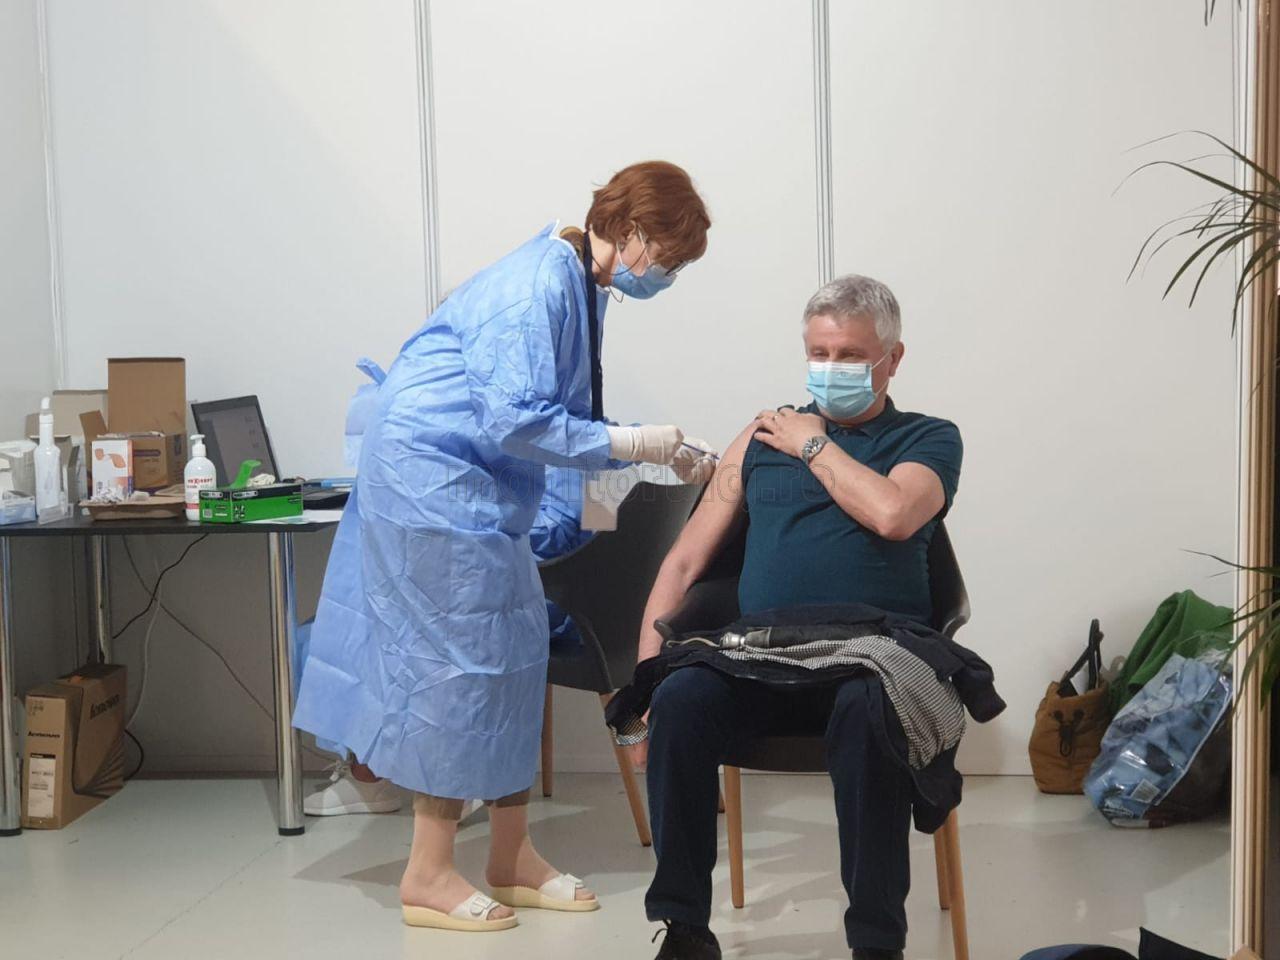 Peste 1.500 de persoane vaccinate în două zile, la maratonul de la Cluj-Napoca